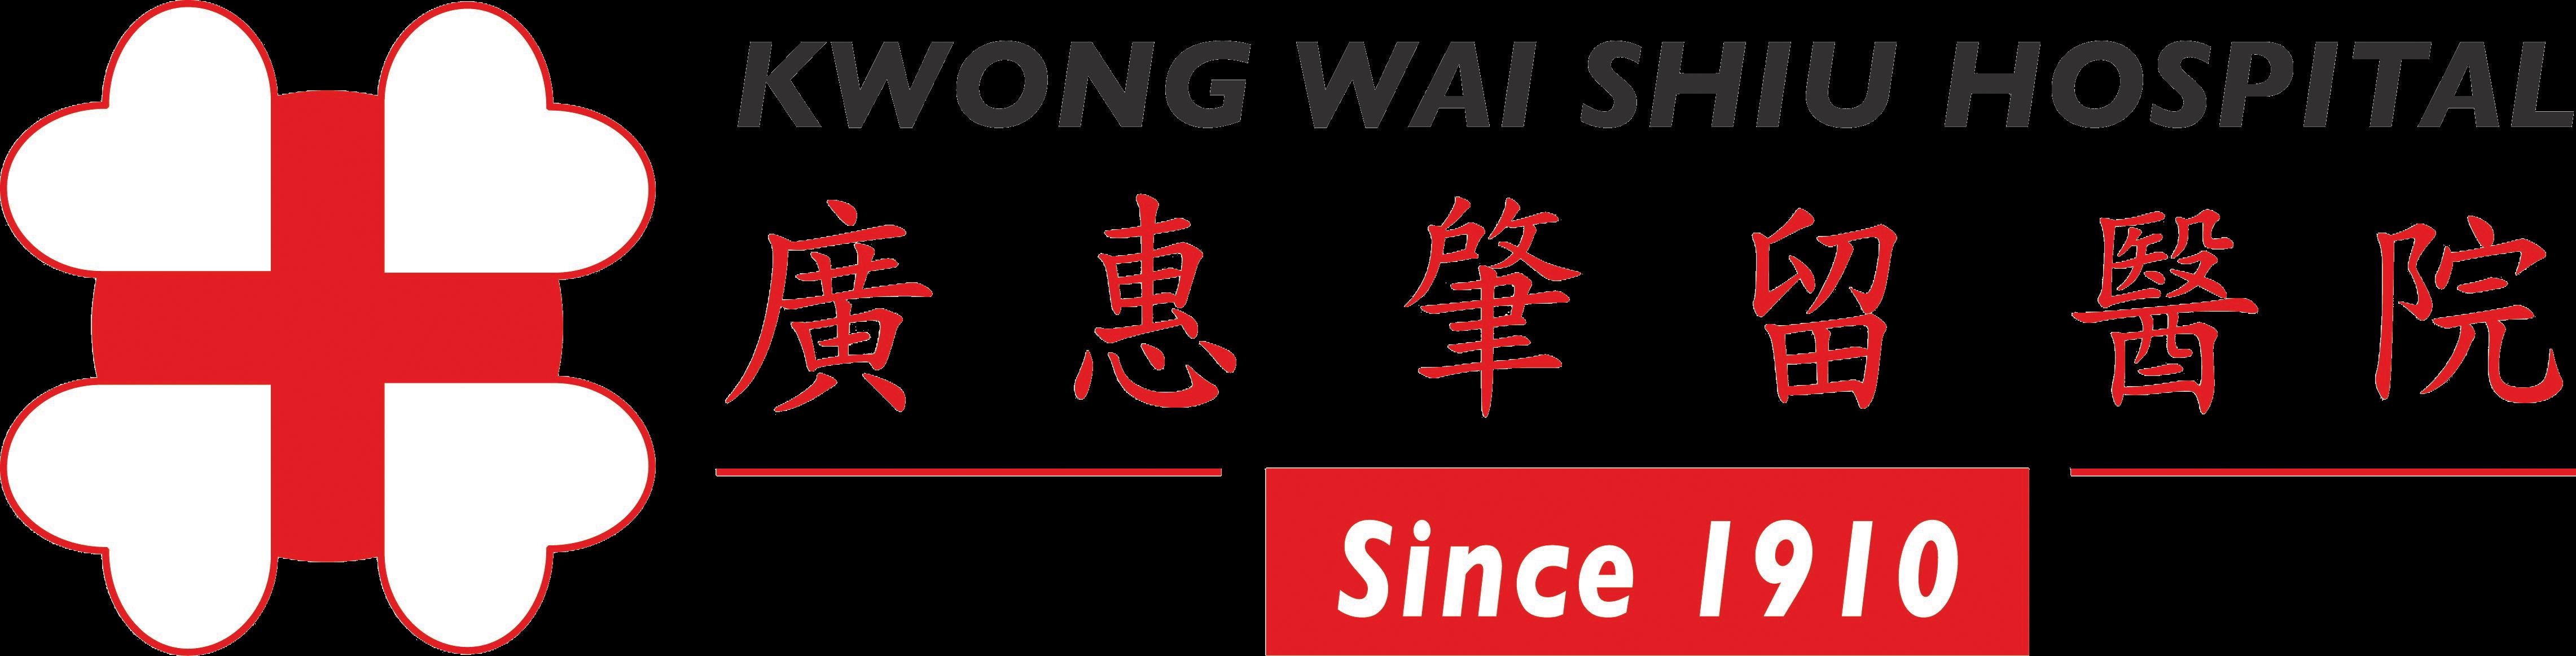 CTI Kwong Wai Shiu Hospital